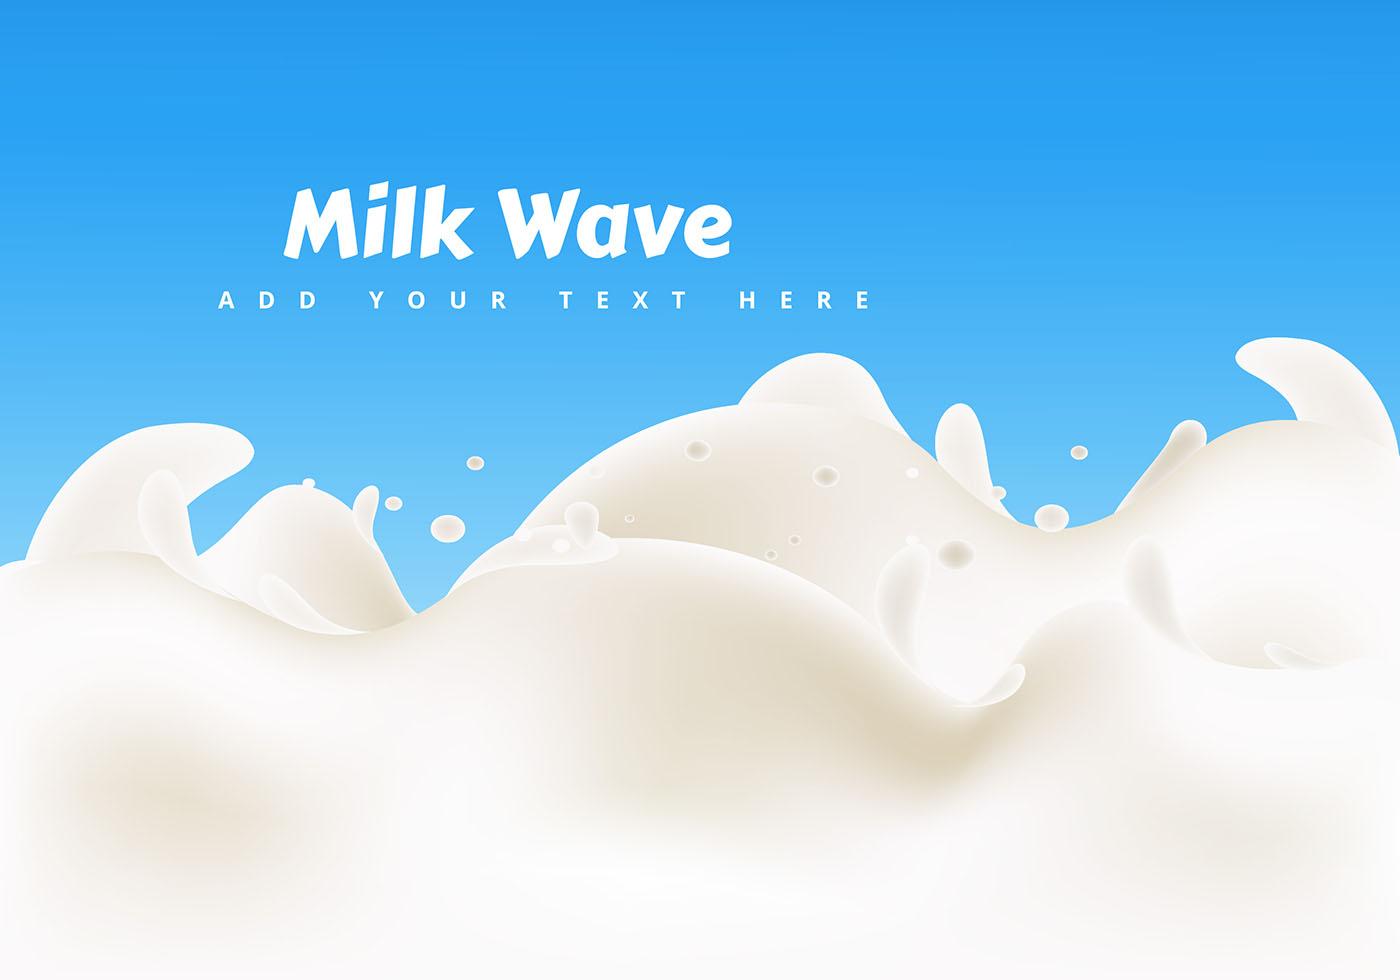 Milk Wave Design Vector Download Free Vector Art Stock